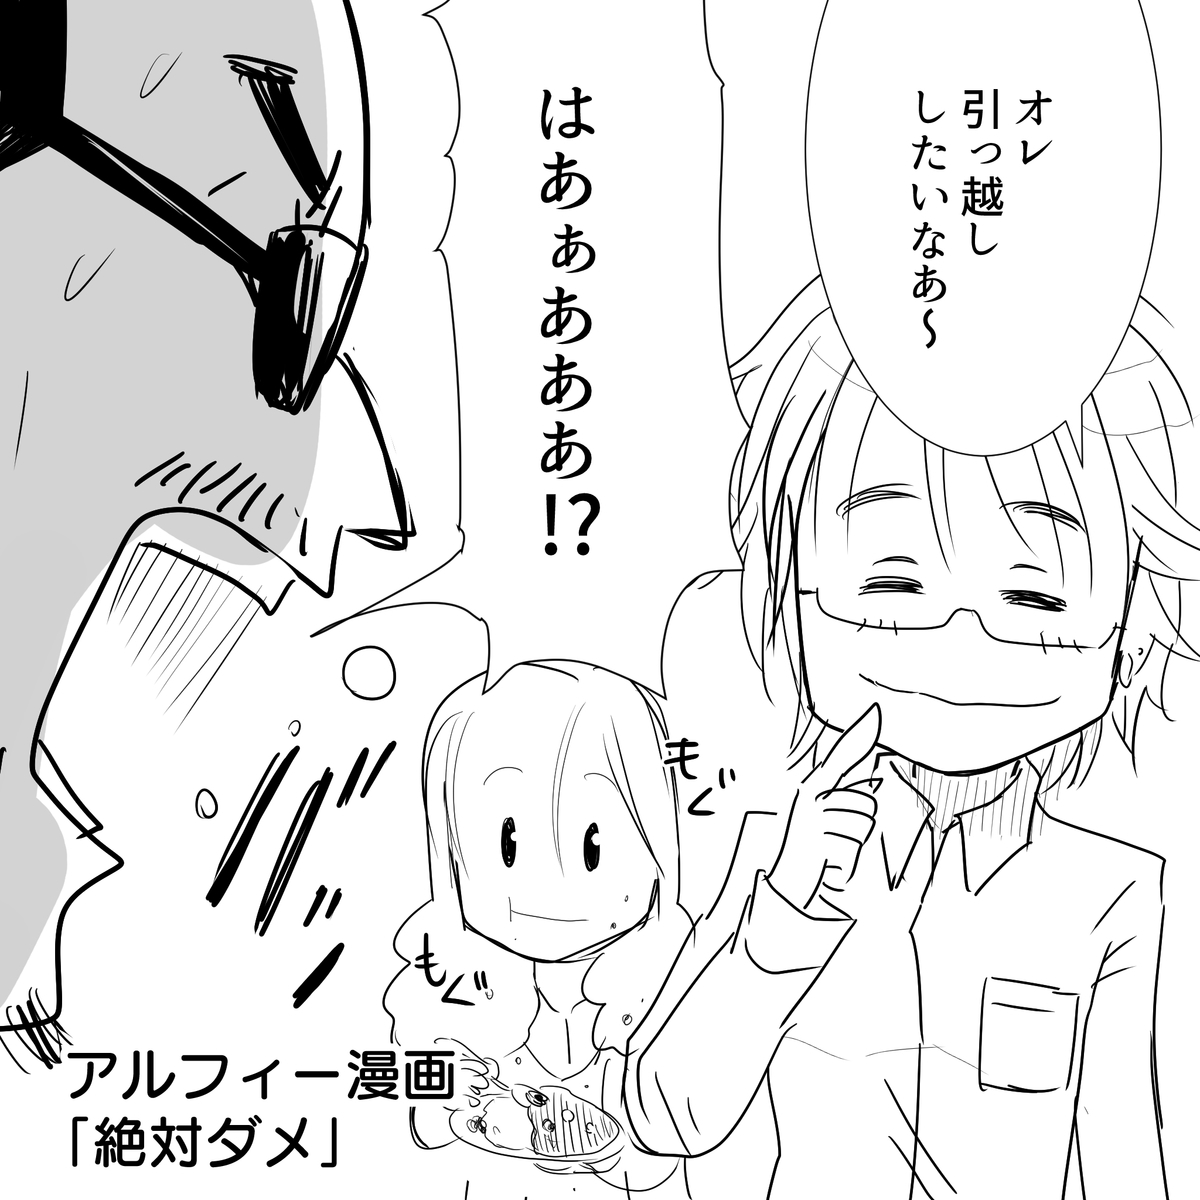 坂崎 アルフィー